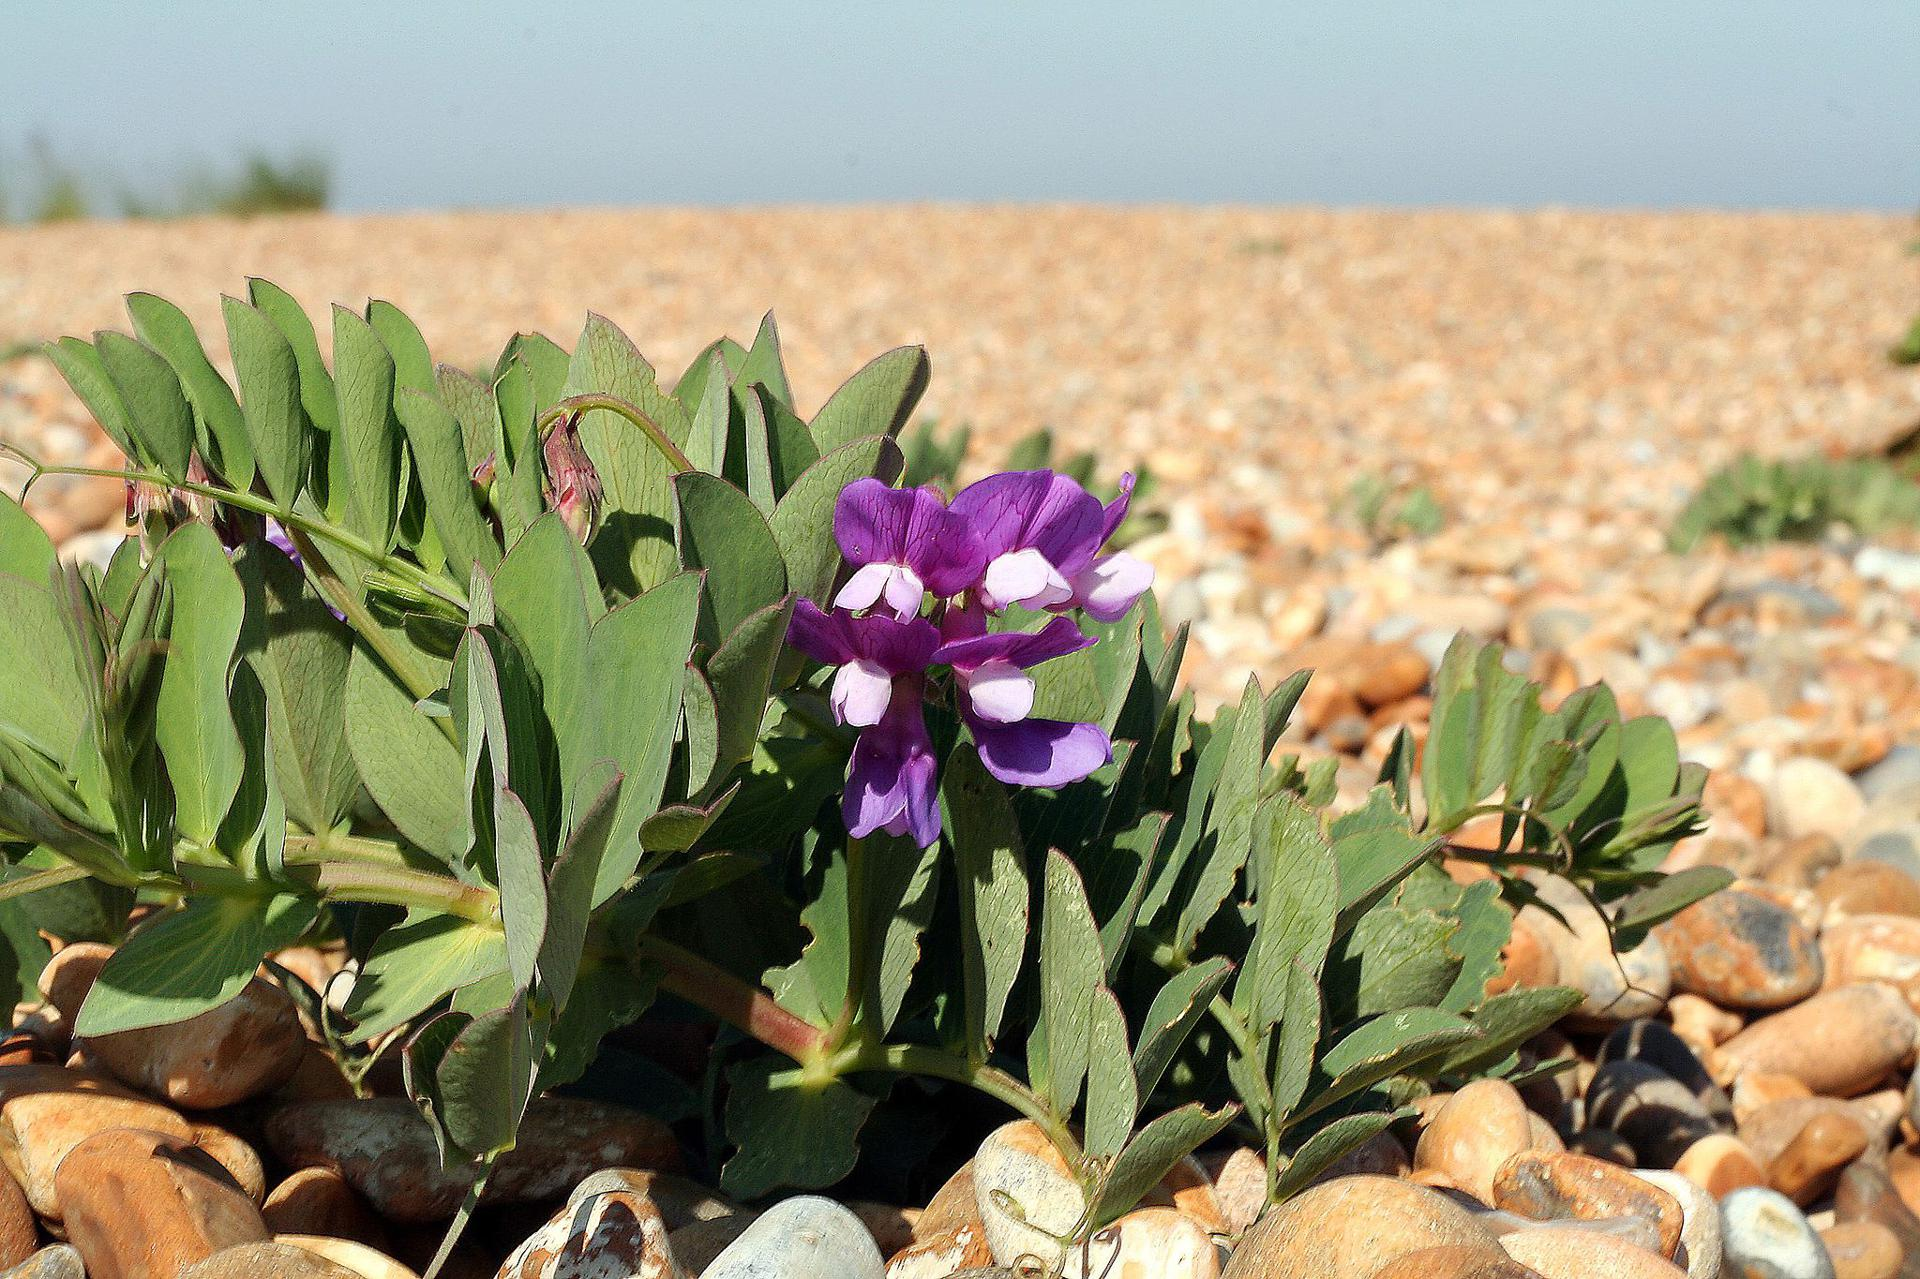 갯완두, Lathyrus japonicus Willd.